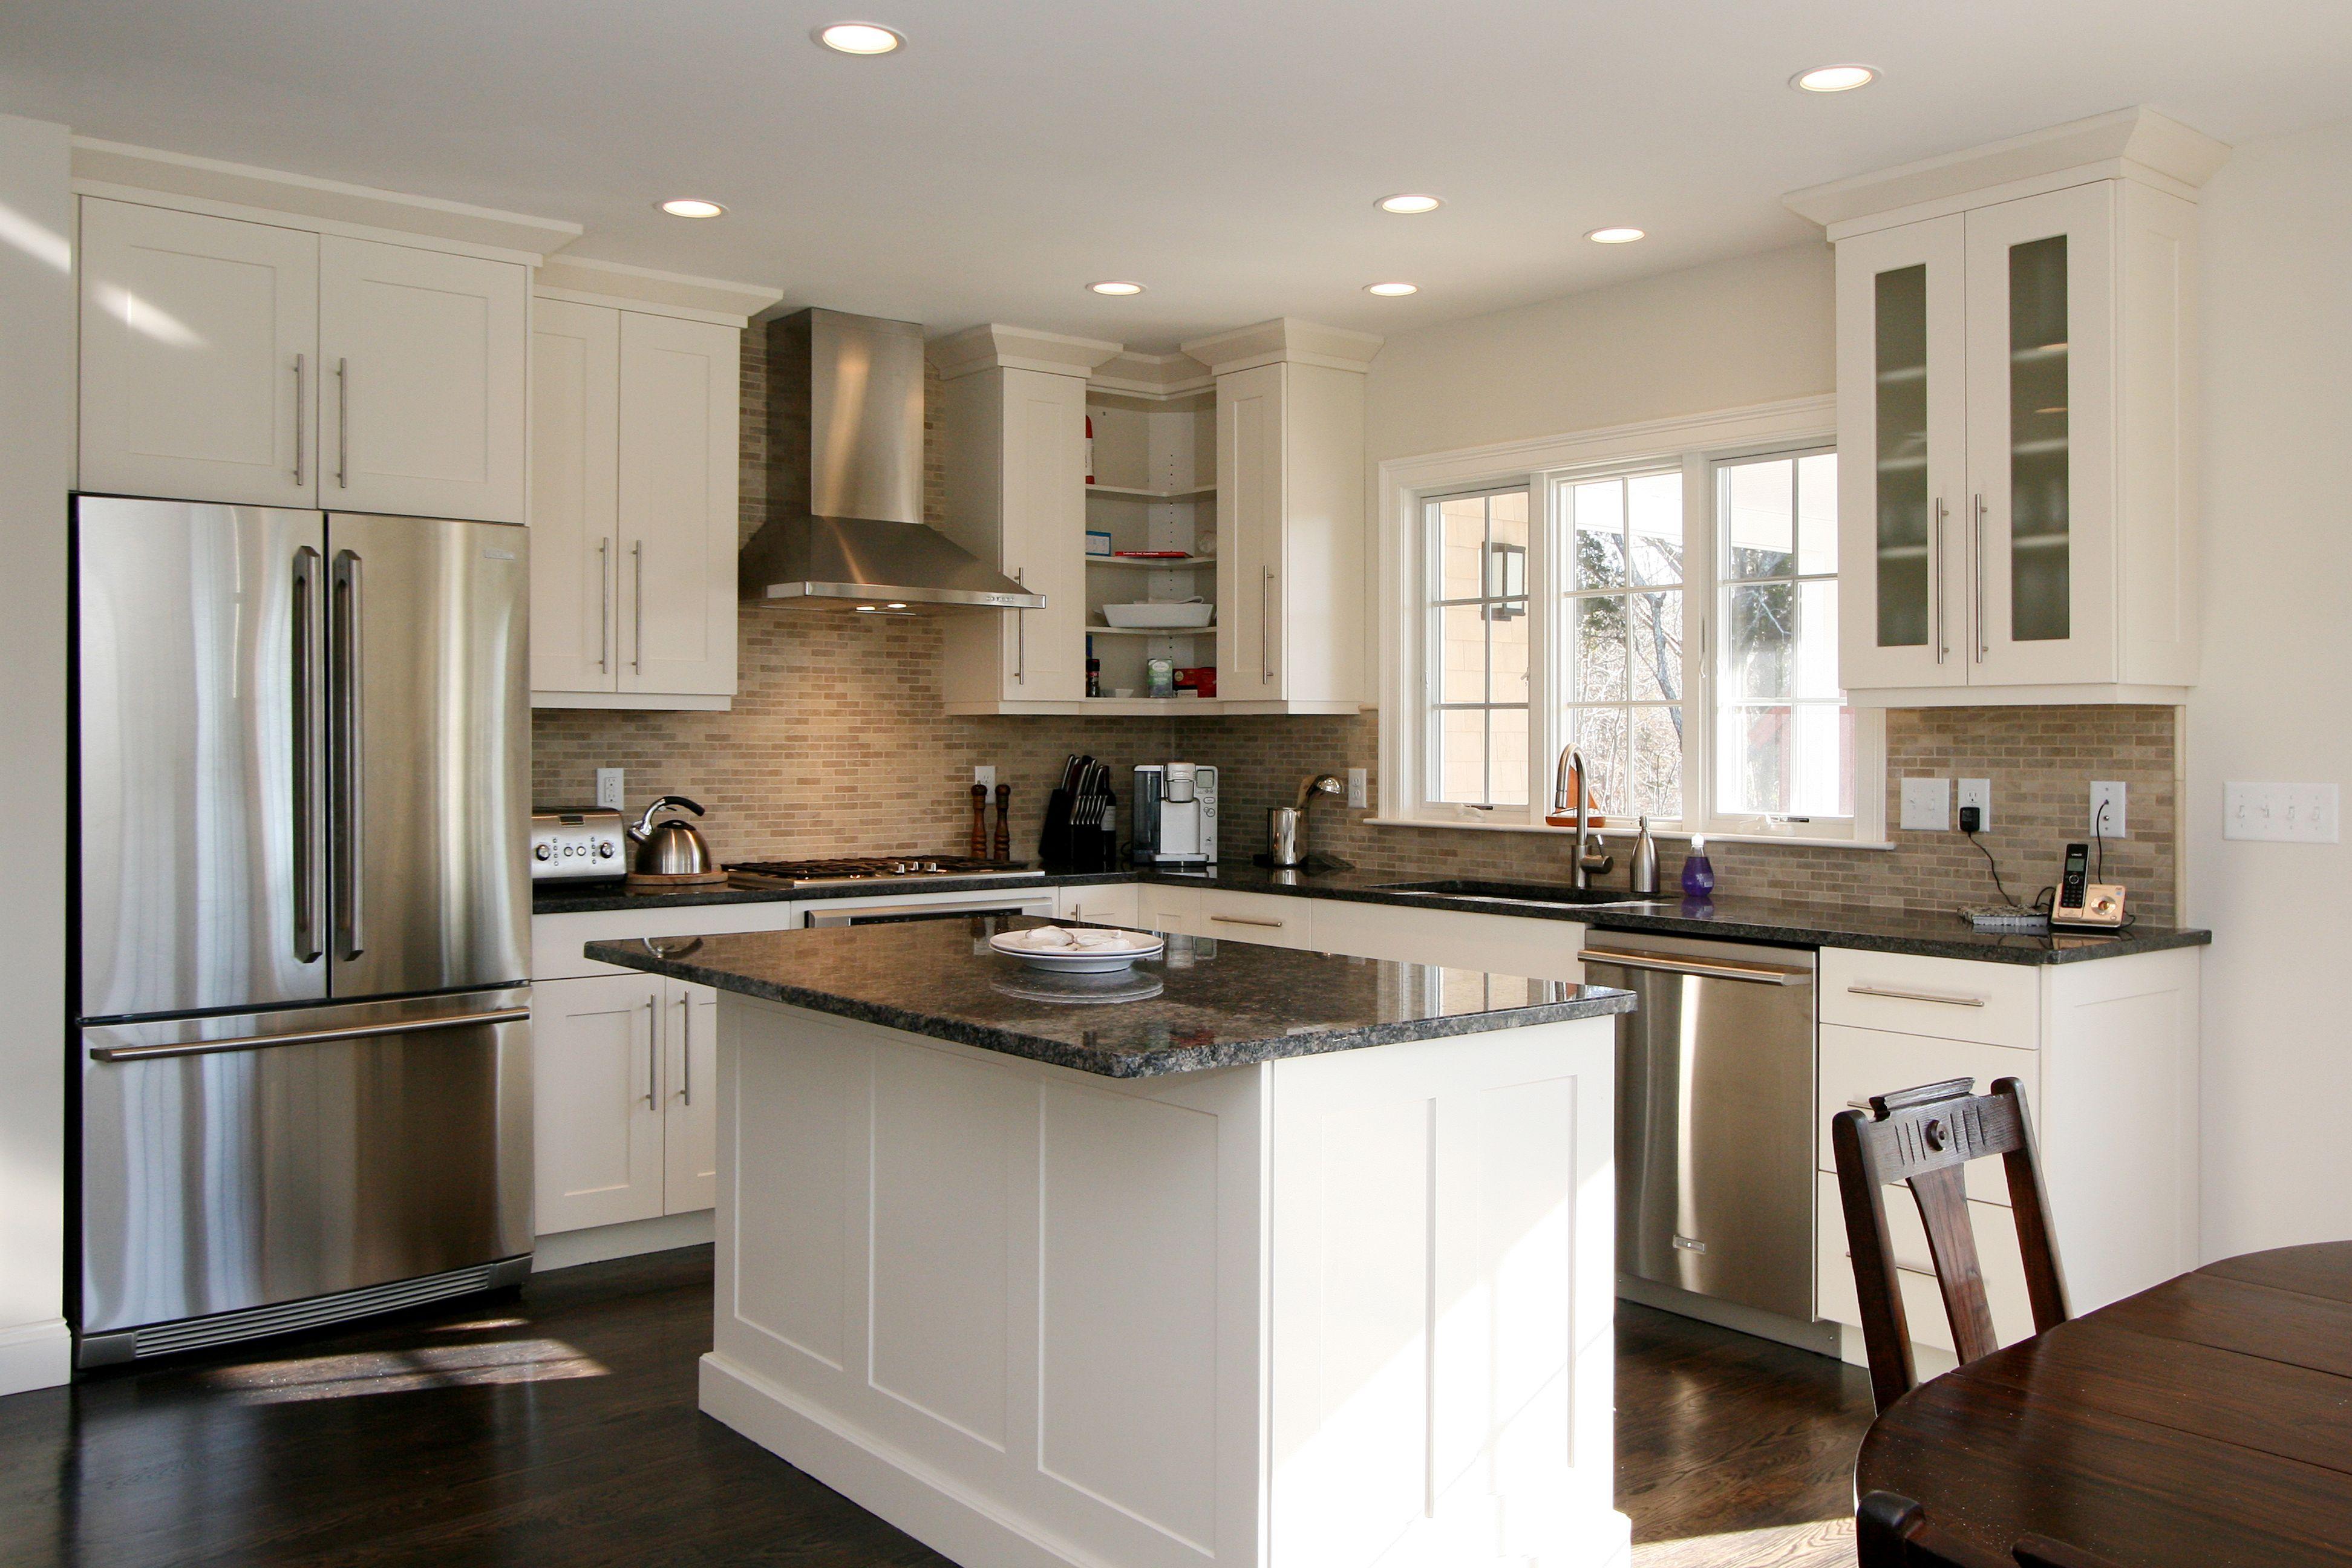 Remarkable Kitchen Designs With Islands Luxury Kitchen Design Layout Kitchen Layouts With Island Kitchen Designs Layout